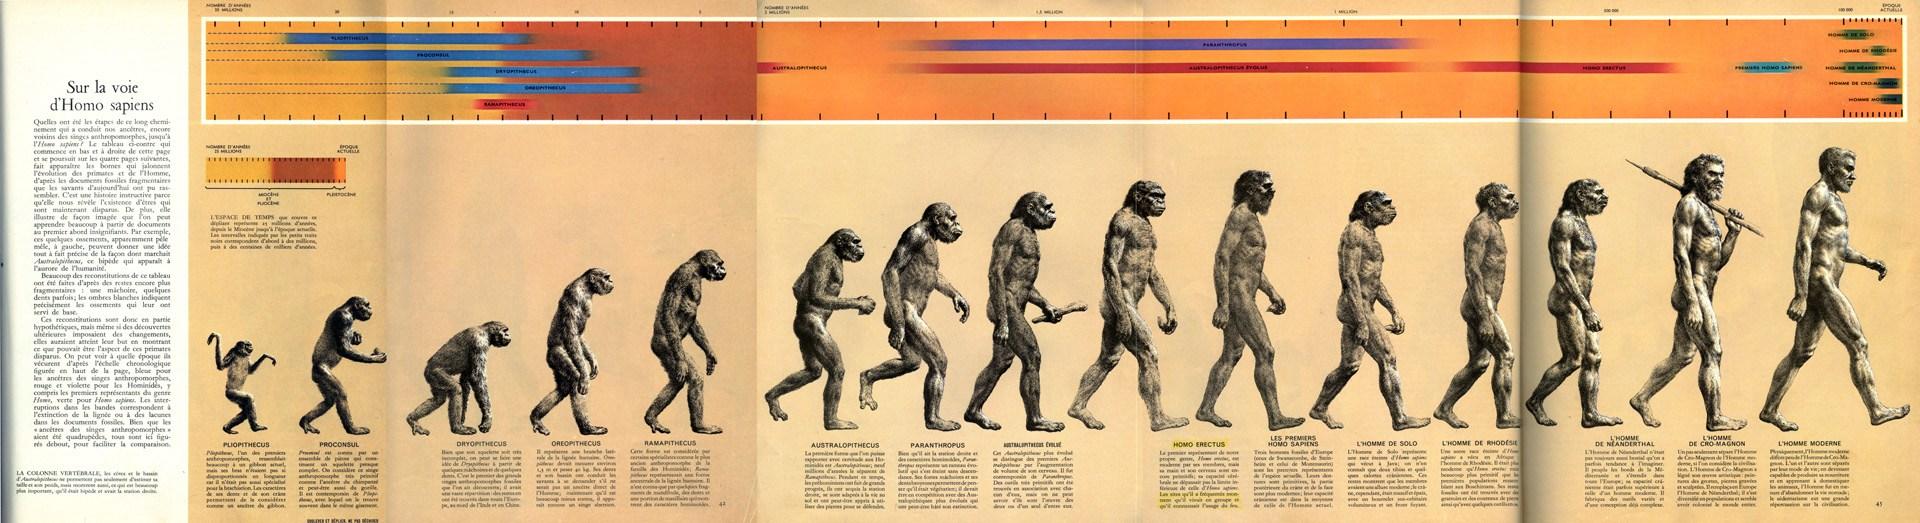 Road to Homo sapiens